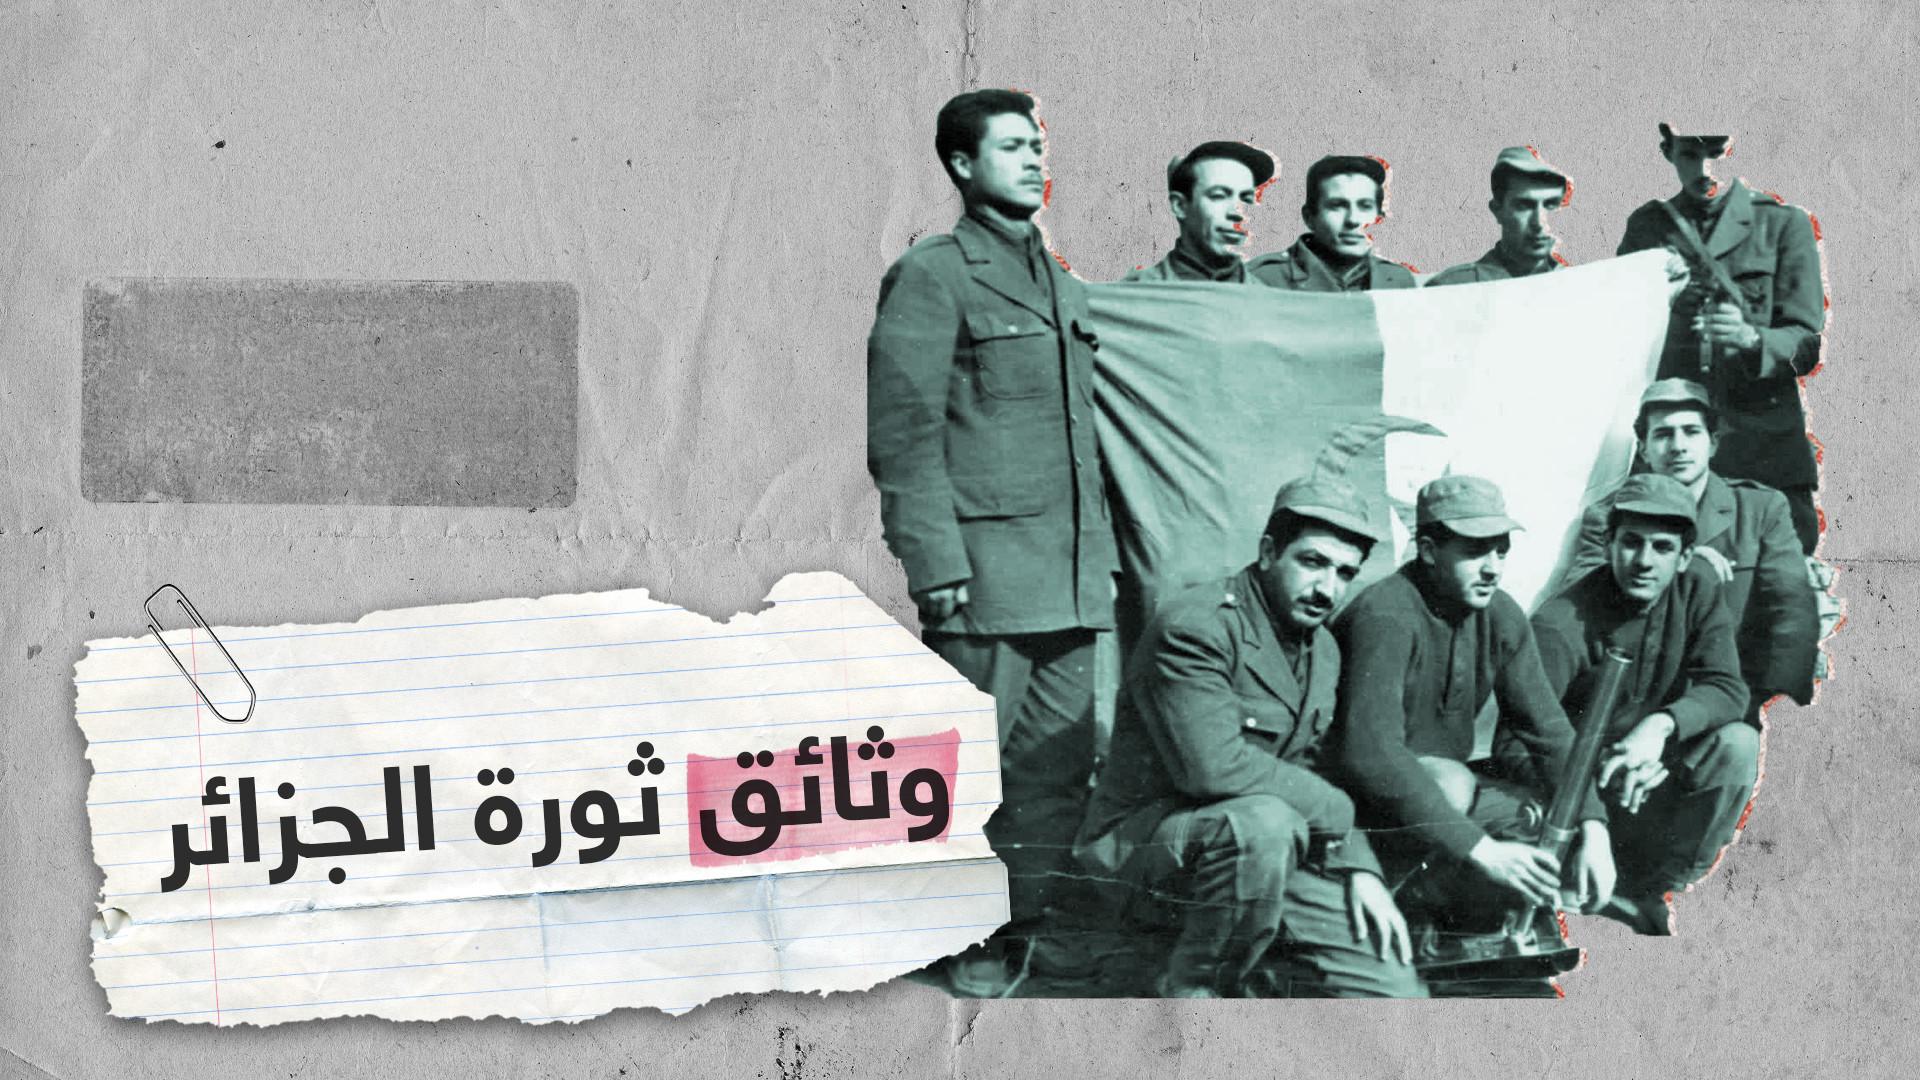 ماذا قالت وثائق المخابرات الأمريكية عن الثورة الجزائرية؟